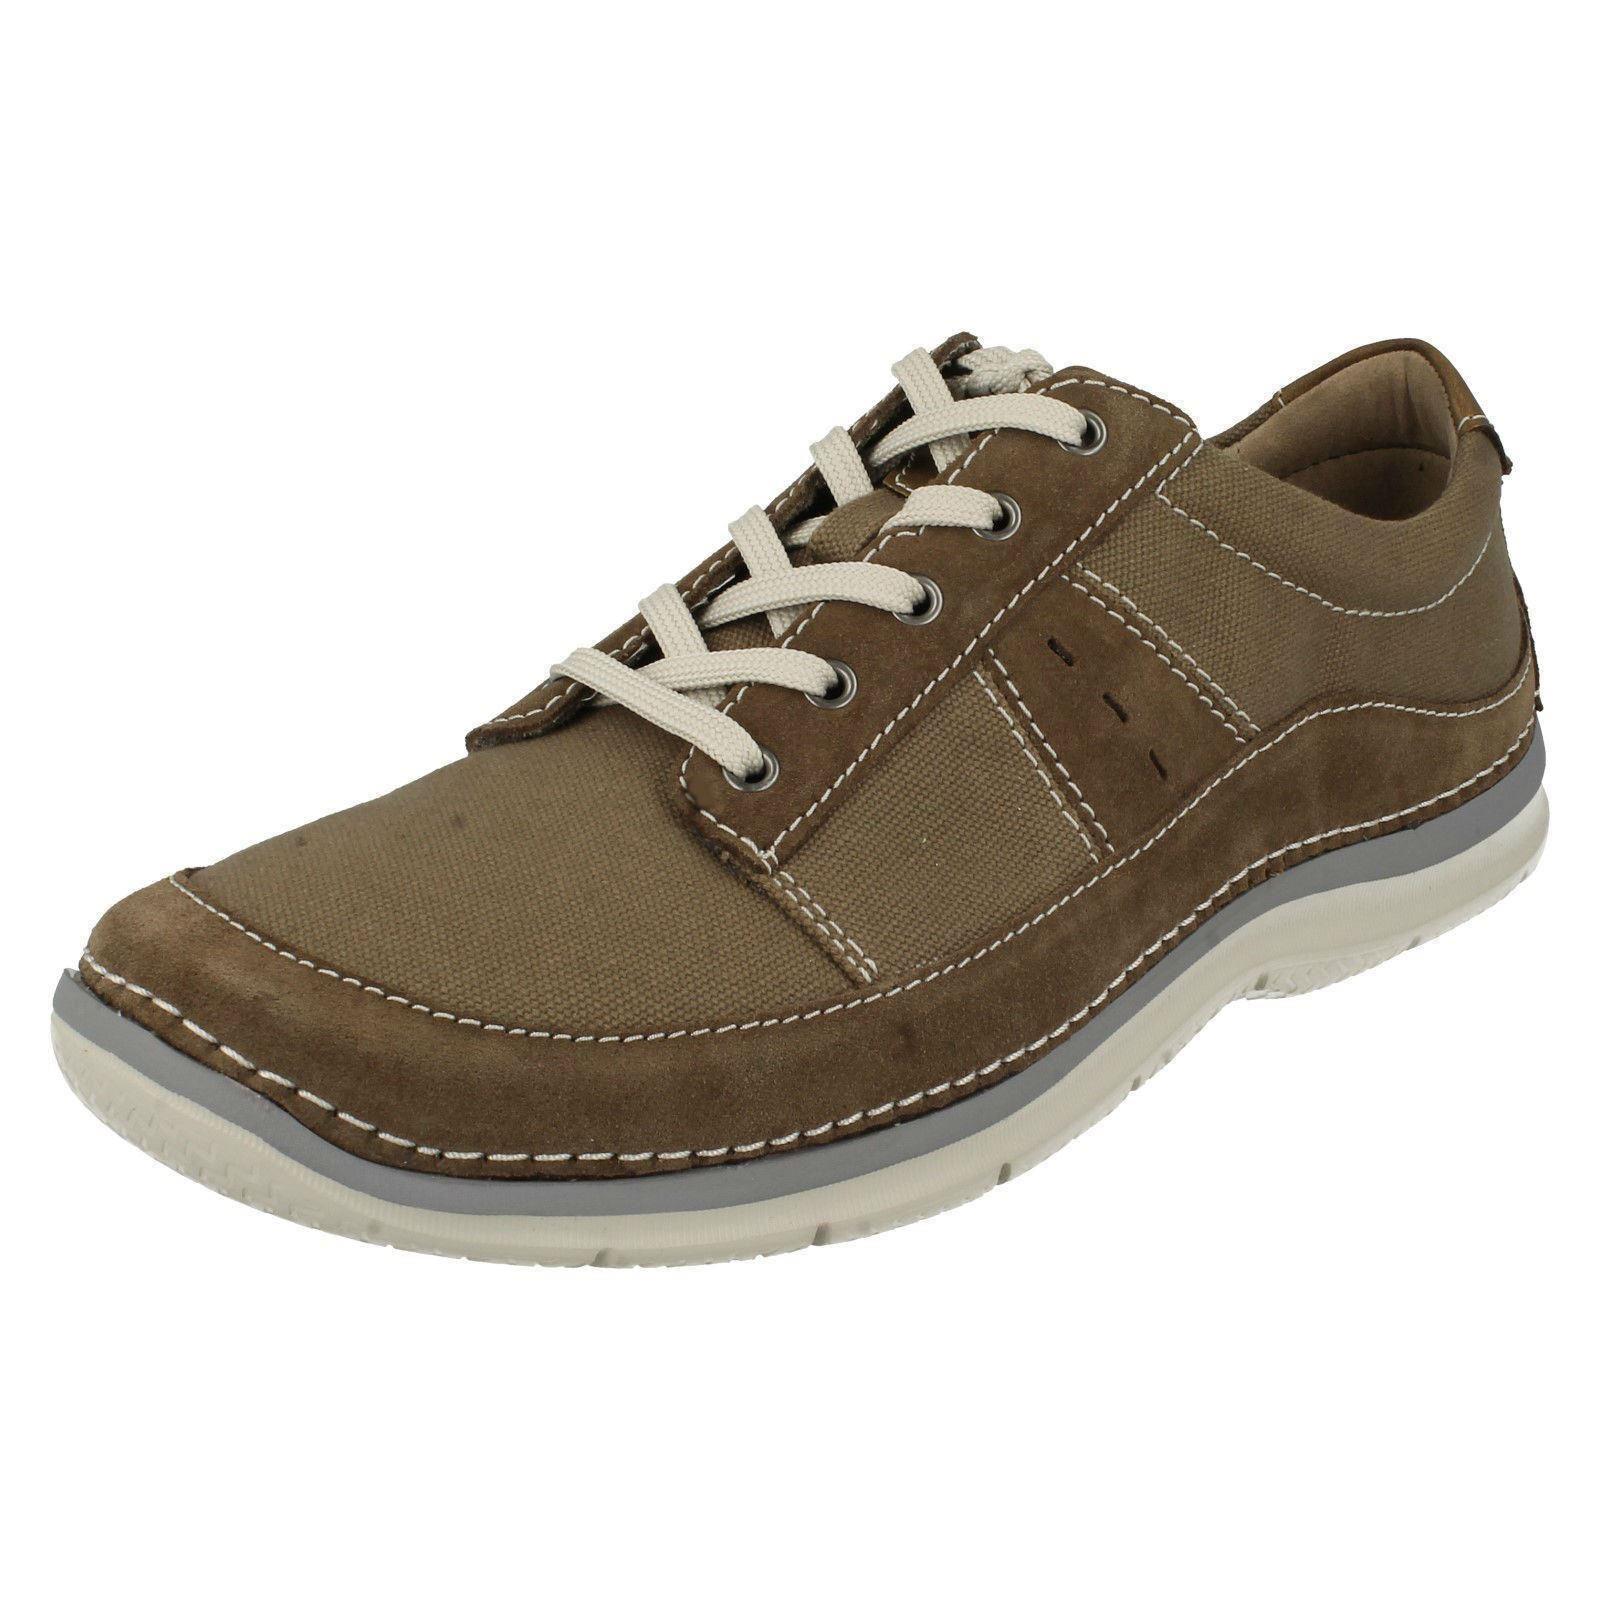 Clarks Ripton Plain Mens Olive Canvas Lace Up Shoes G Fit UK6-12 (R29A)